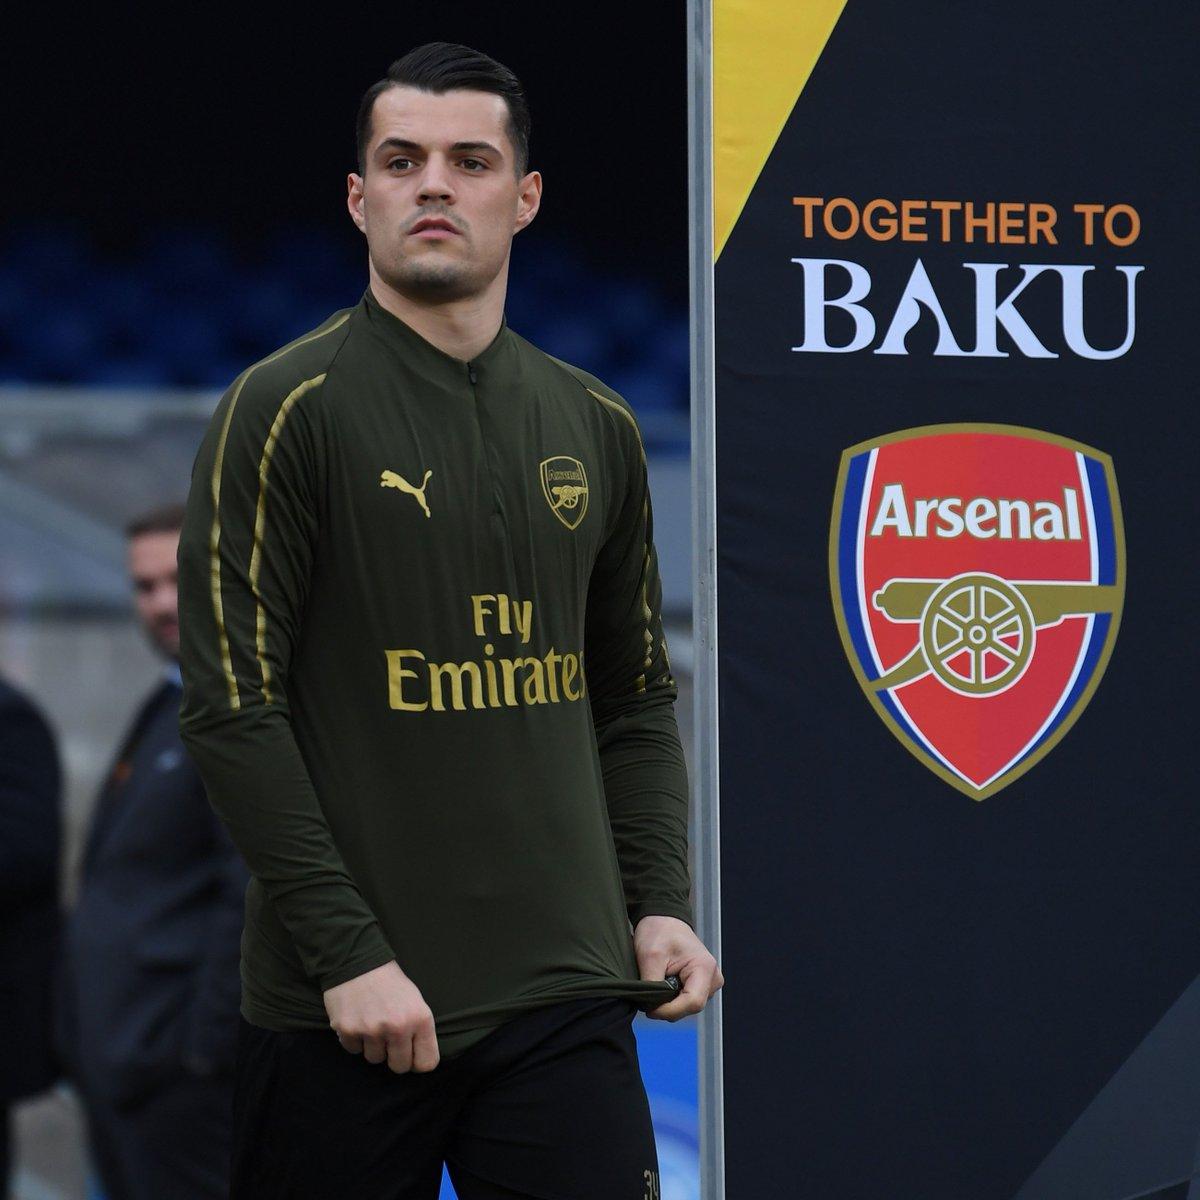 Arsenal FC's photo on Bakú